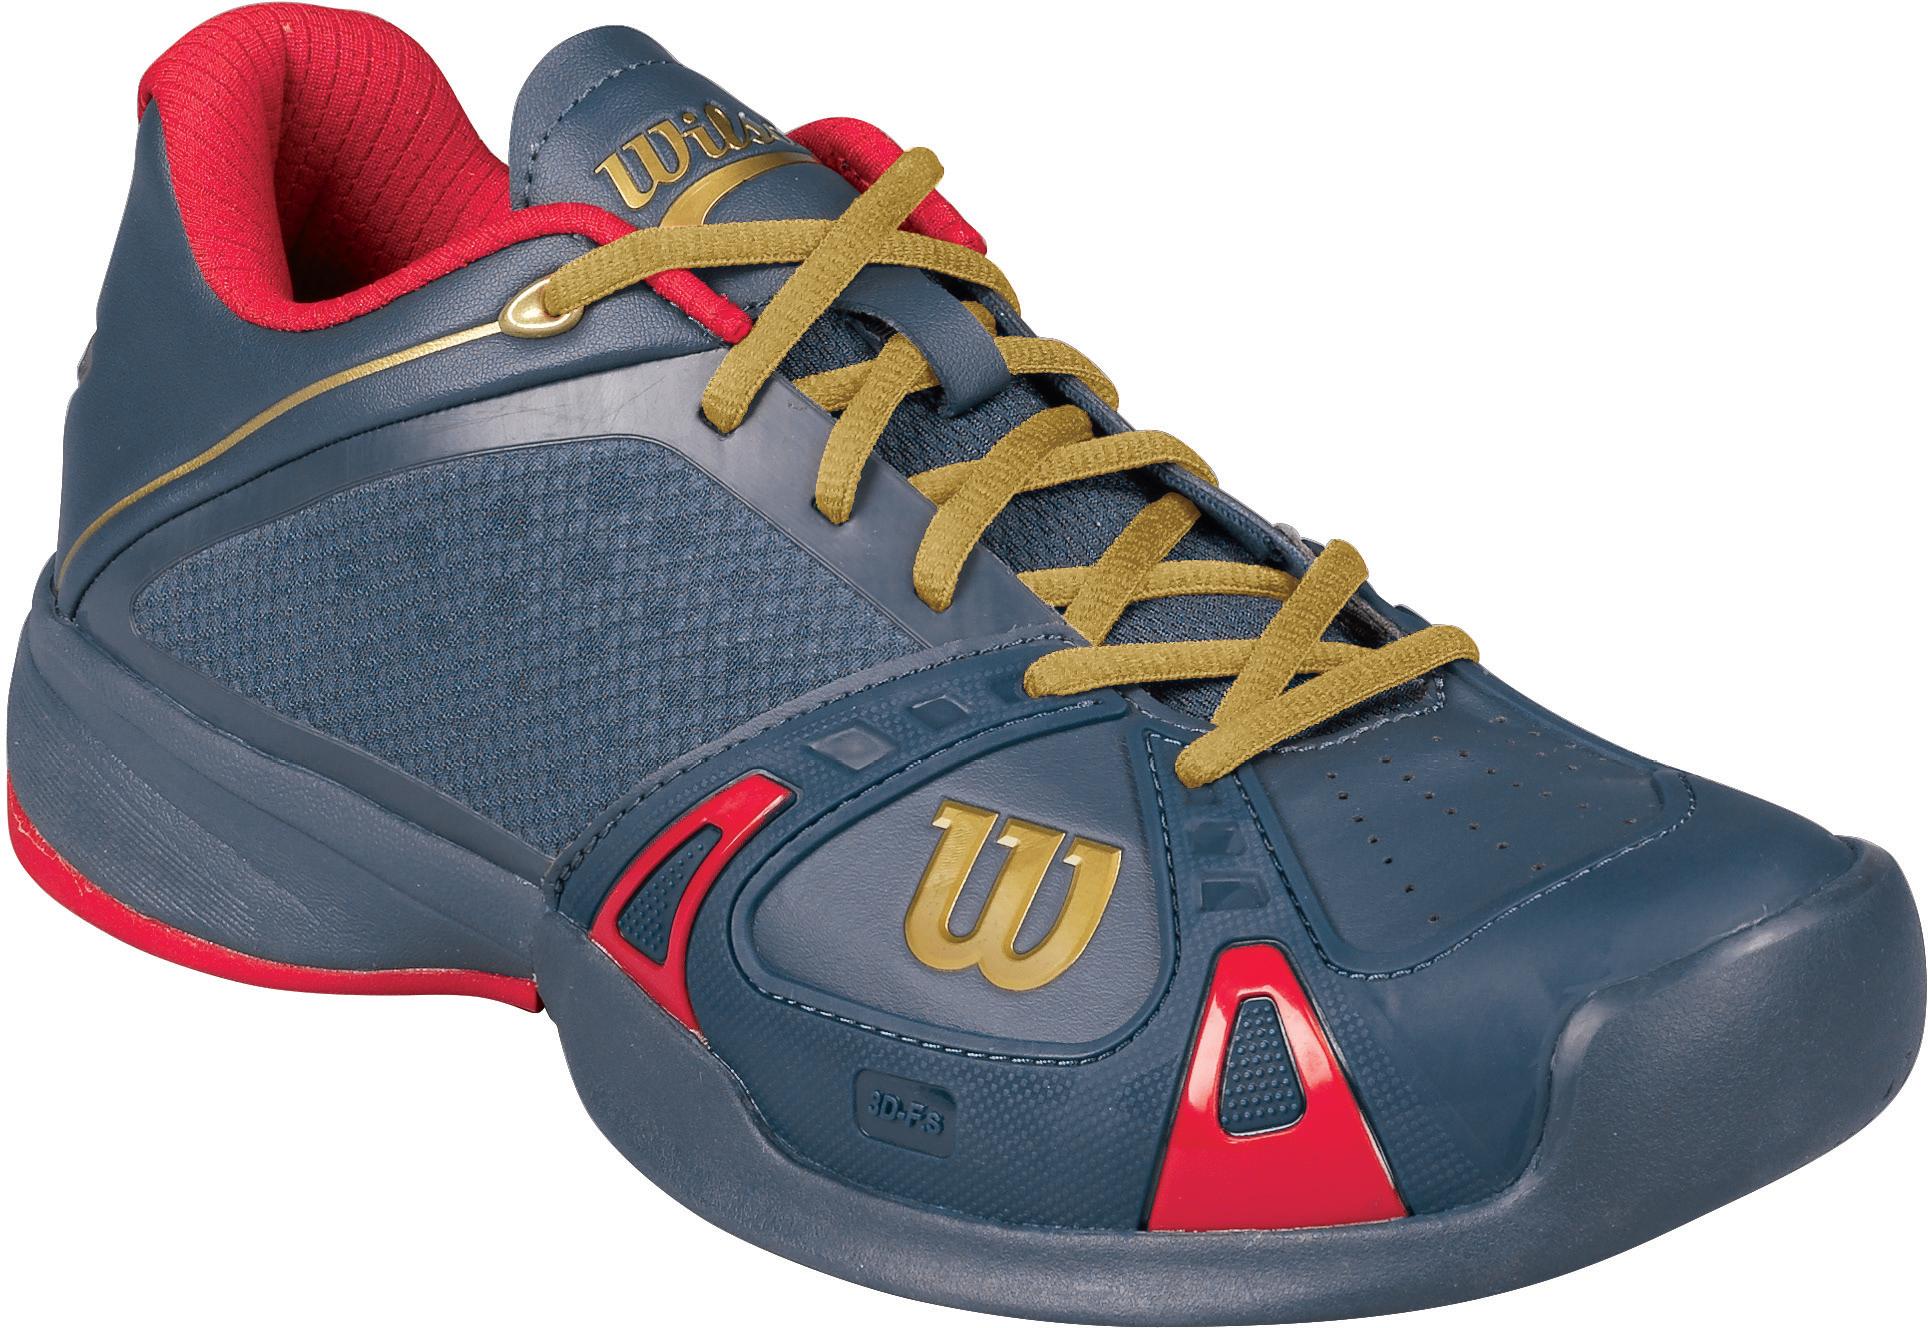 974708cbee25 Wilson Mens 100 Year Rush Pro Tennis Shoes (Grey  Red)